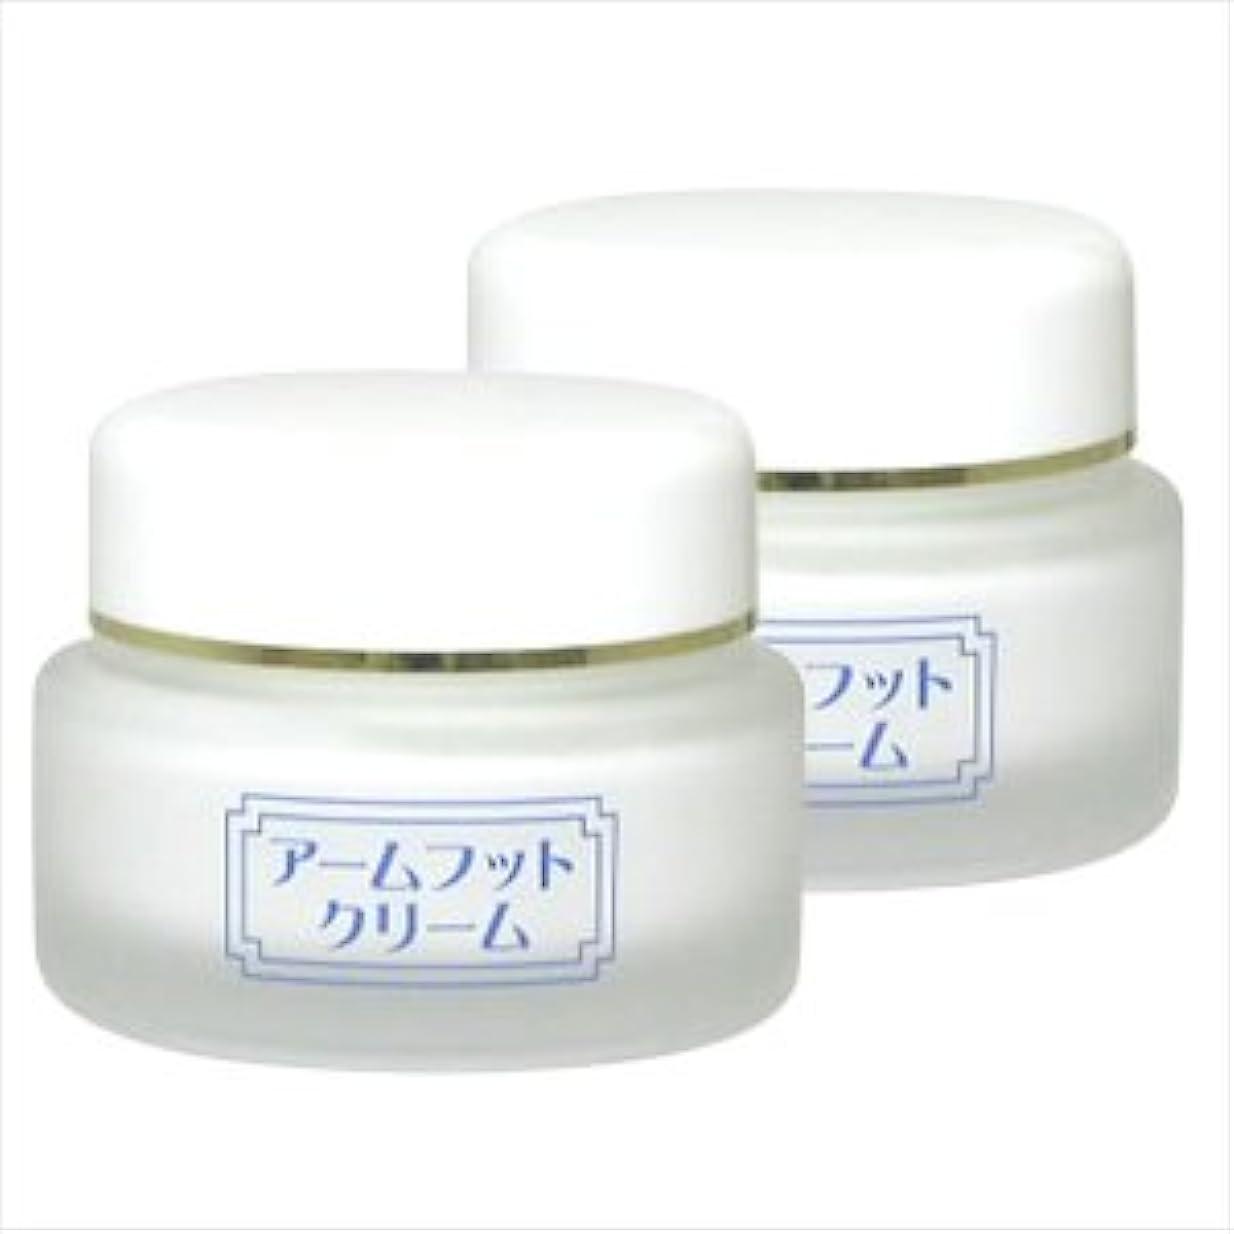 祝うリレーベーカリー薬用デオドラントクリーム アームフットクリーム(20g) (2個セット)